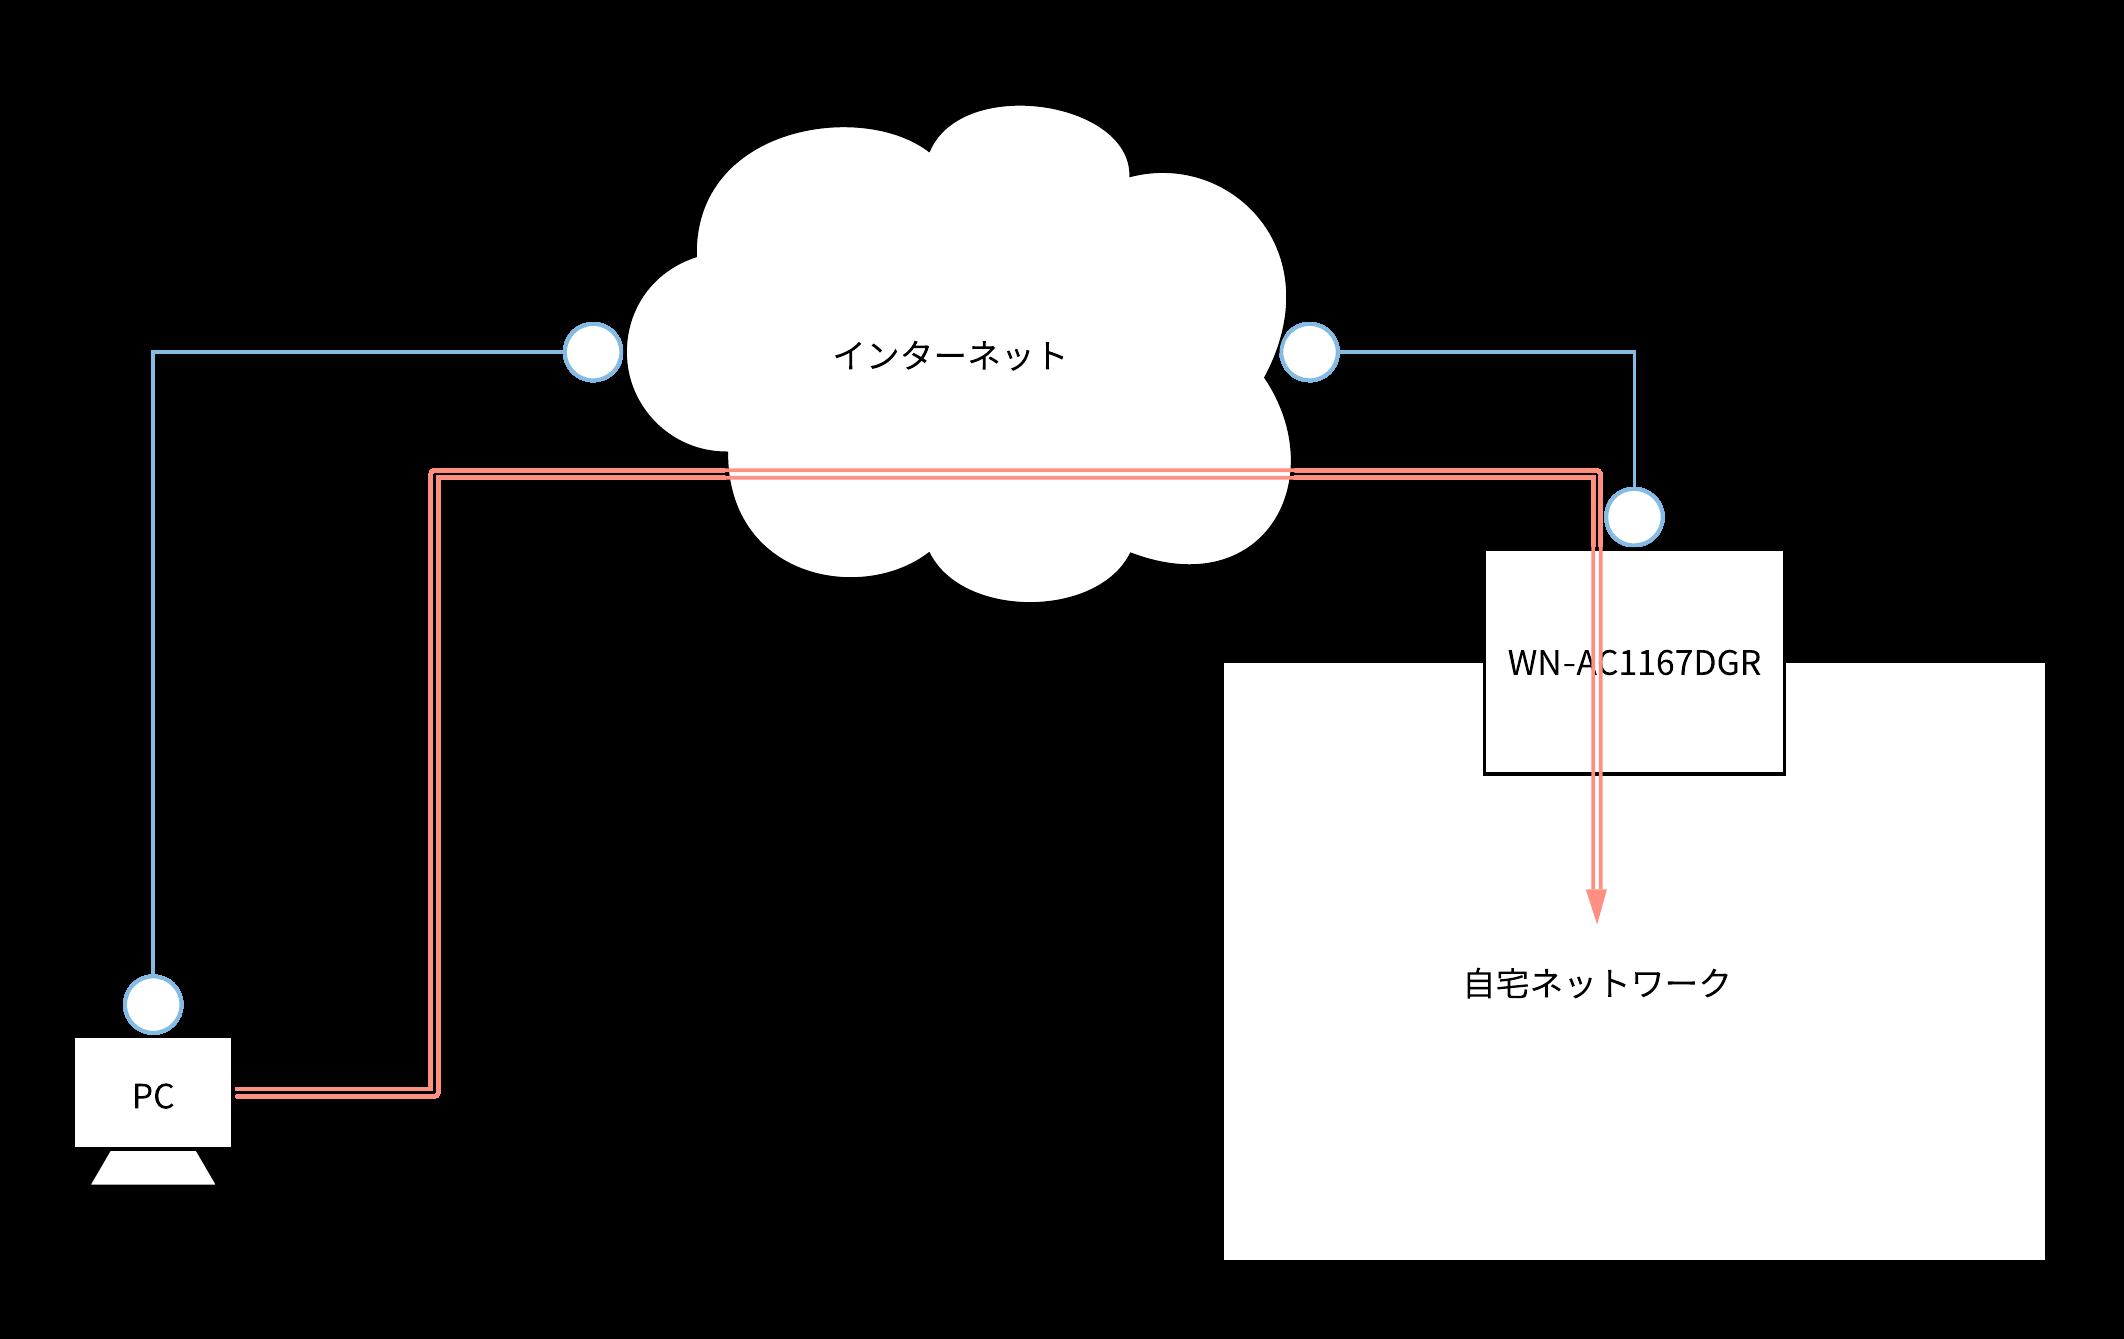 終了 しま を 制御 した プロトコル ppp リンク